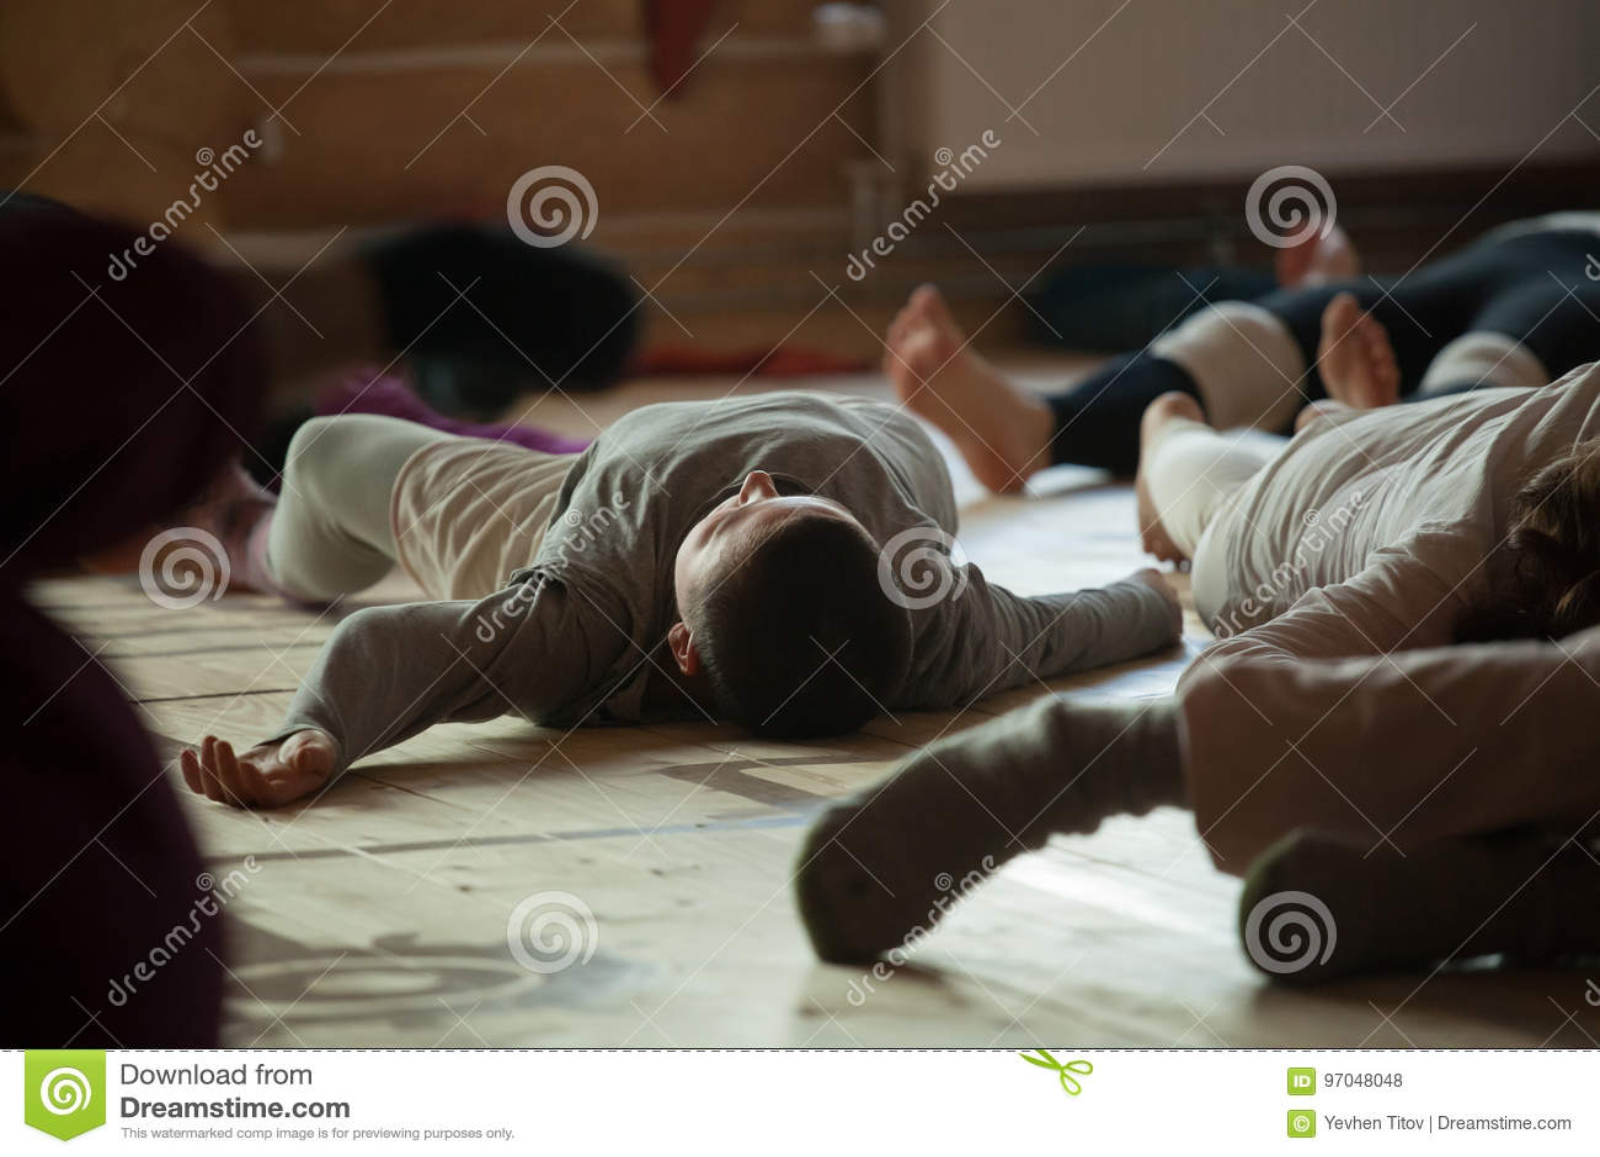 Les danseurs paye, des jambes, sur le plancher